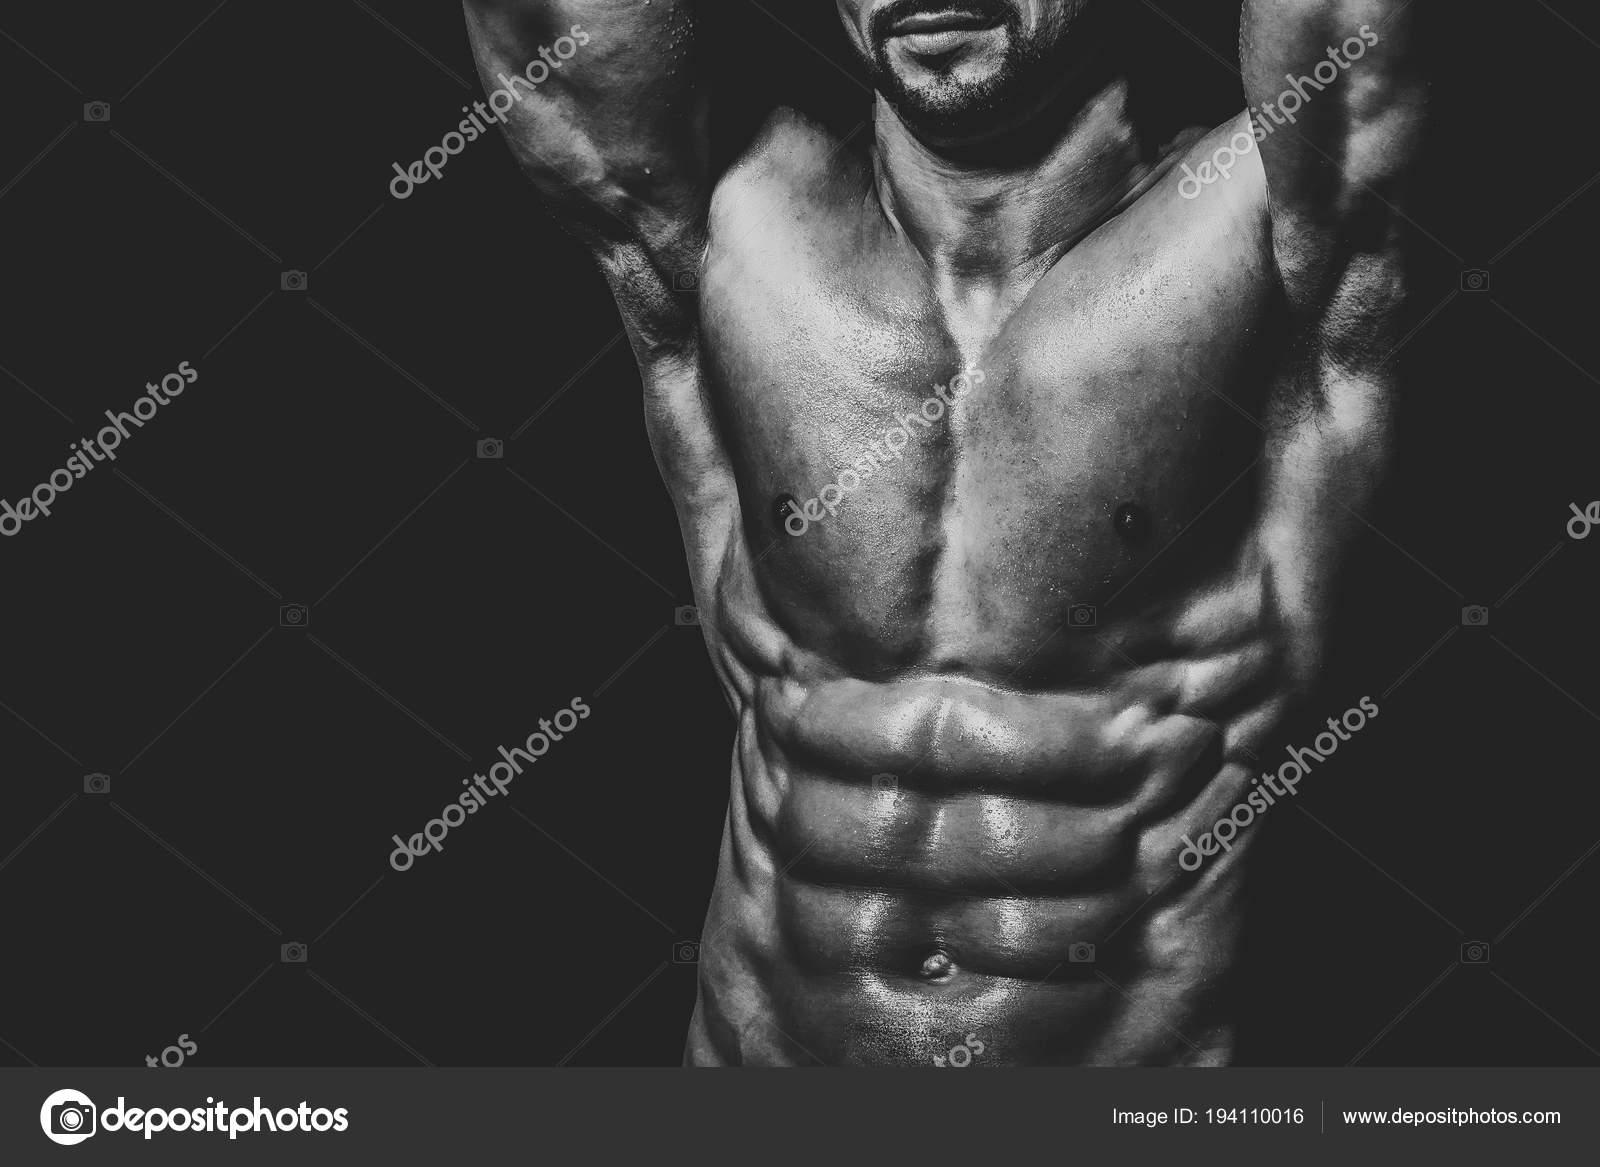 γυμνό ντους γυμναστήριο νέος καυτά Έφηβος/η κορίτσια γυμνός